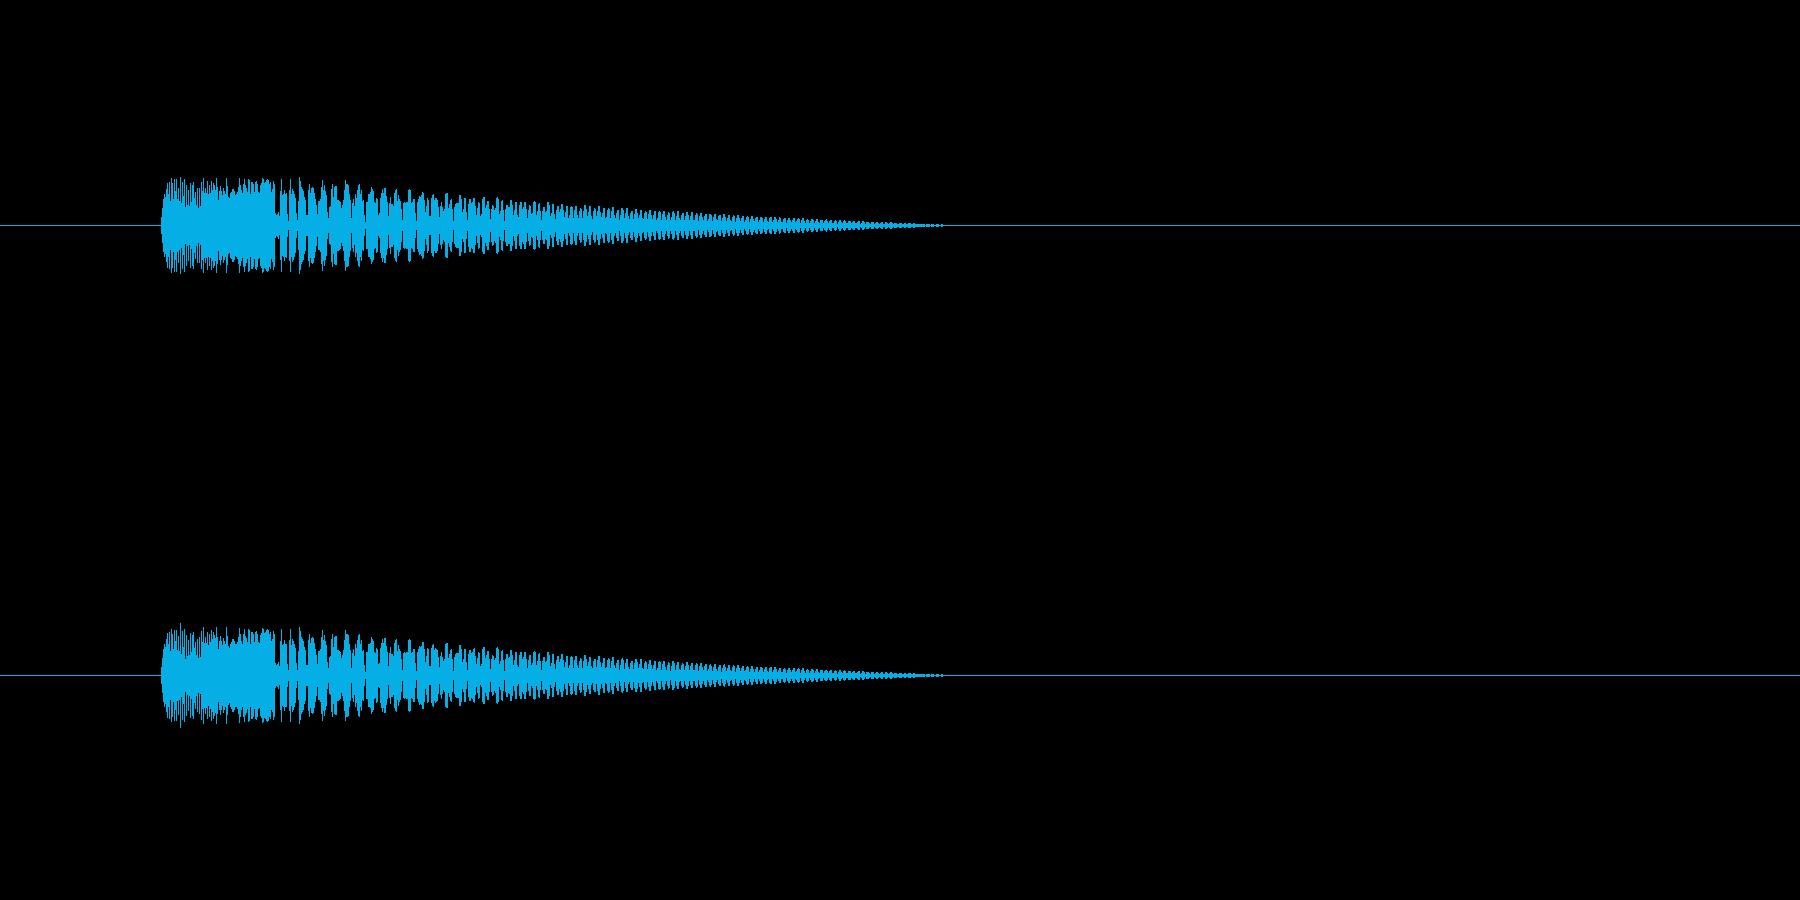 【ネガティブ06-5】の再生済みの波形